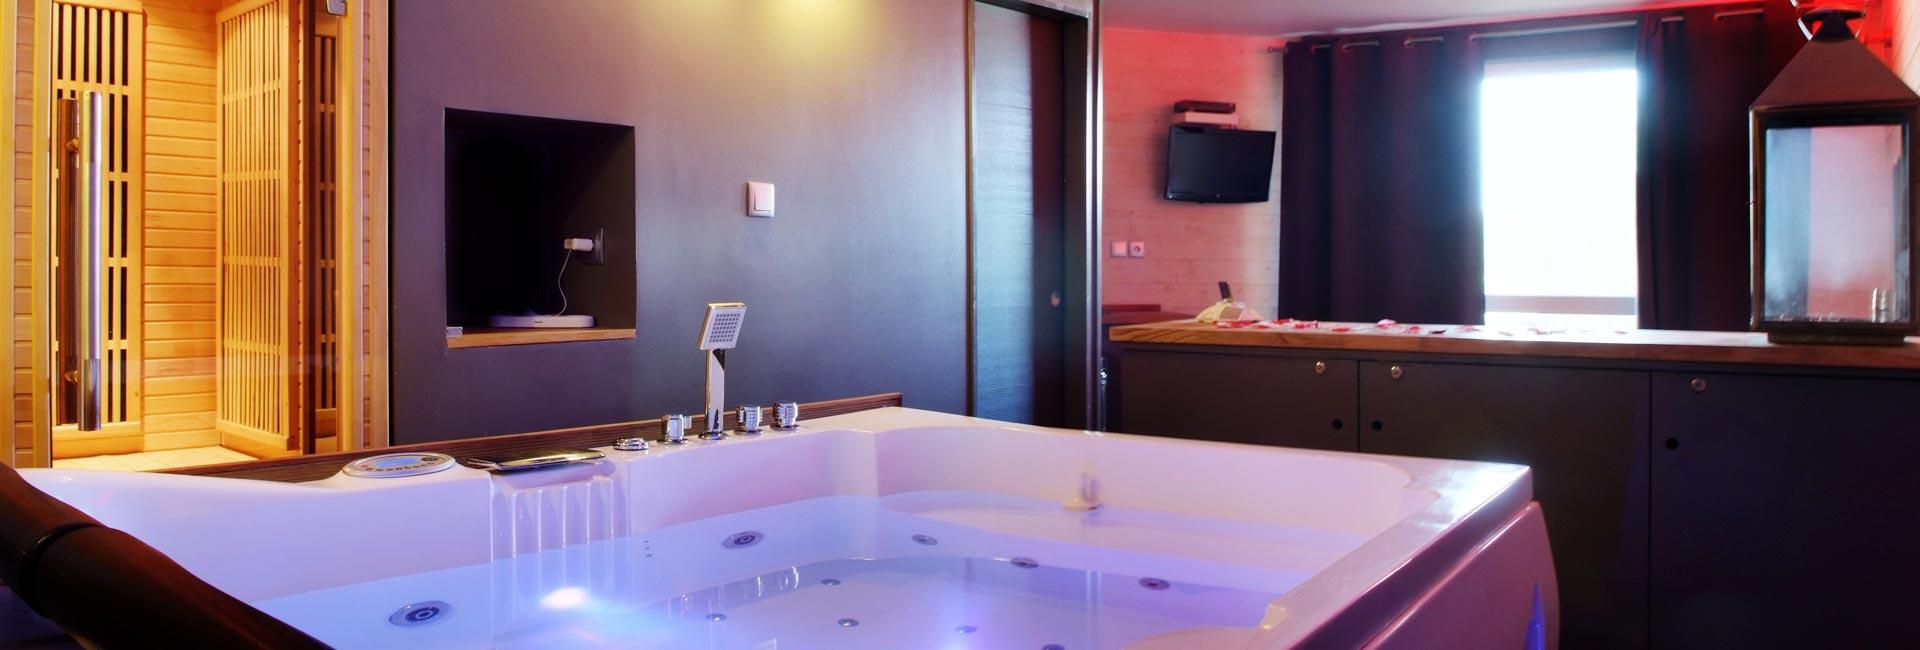 Chambre avec Jacuzzi et Sauna Privatif - Le Perceval Spa Romantique ...